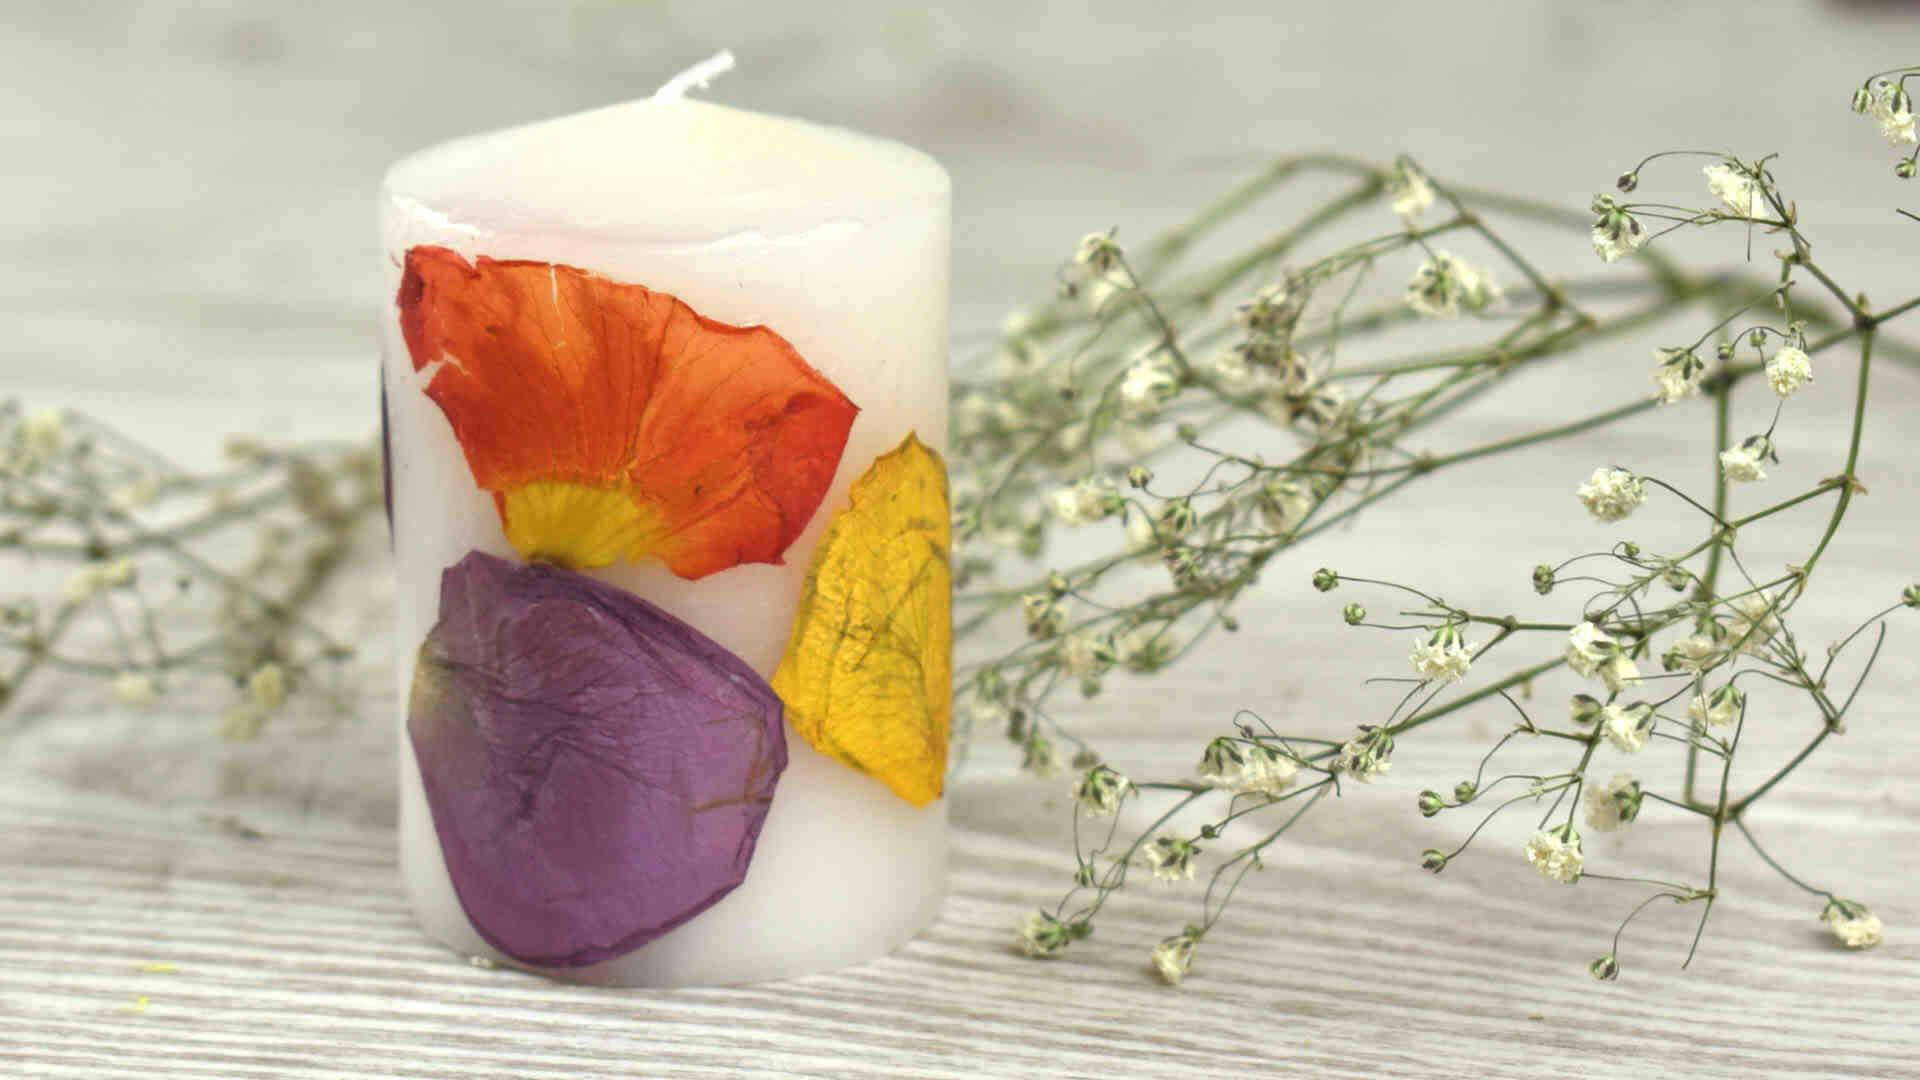 Comment faire sécher des fleurs au four ?